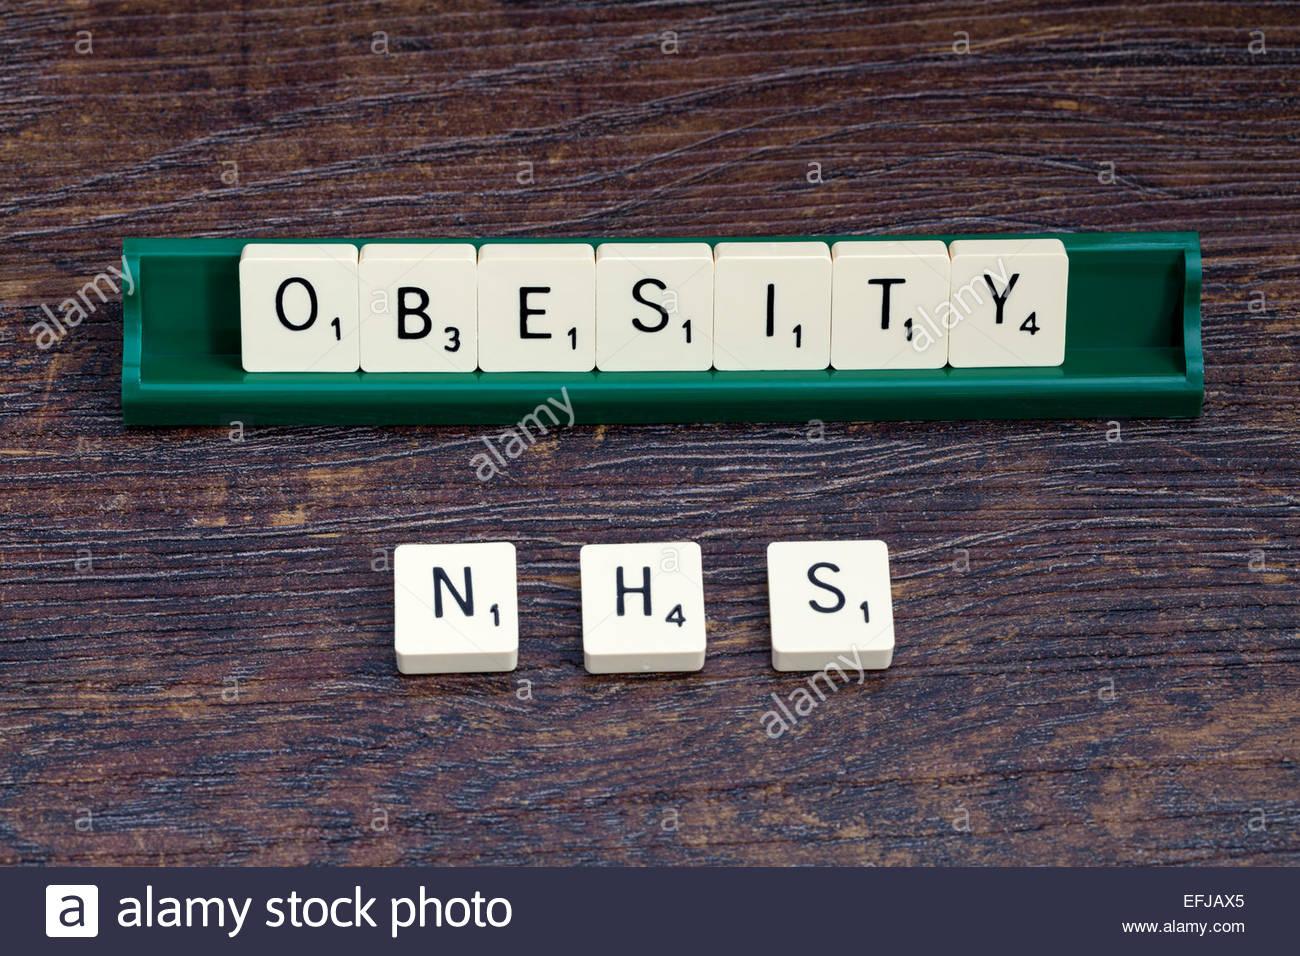 La obesidad y el NHS expuestas con letras de Scrabble Imagen De Stock